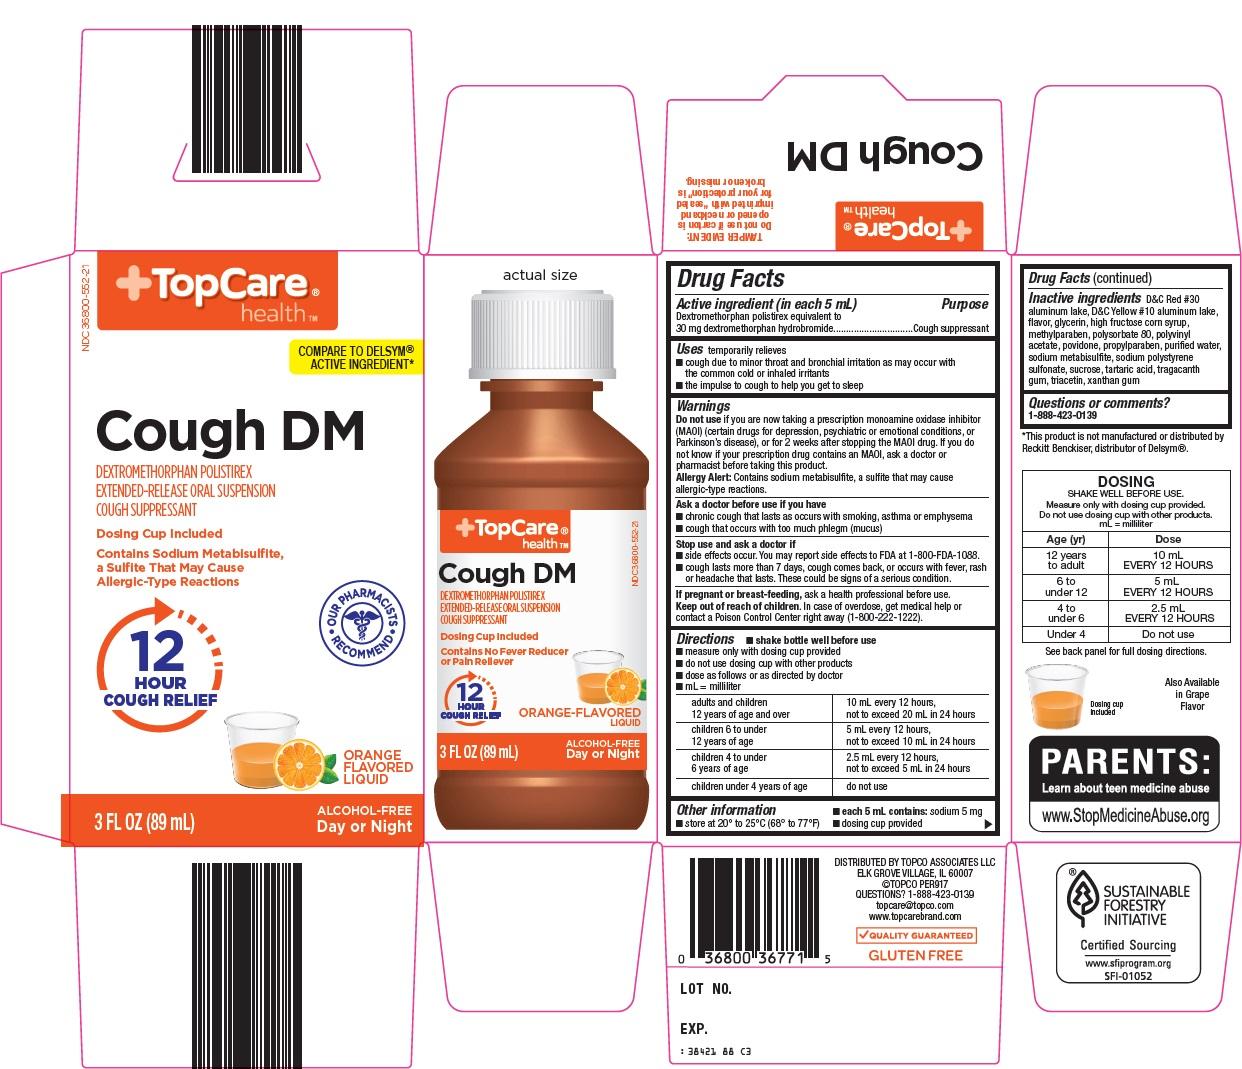 384-88-cough-dm.jpg